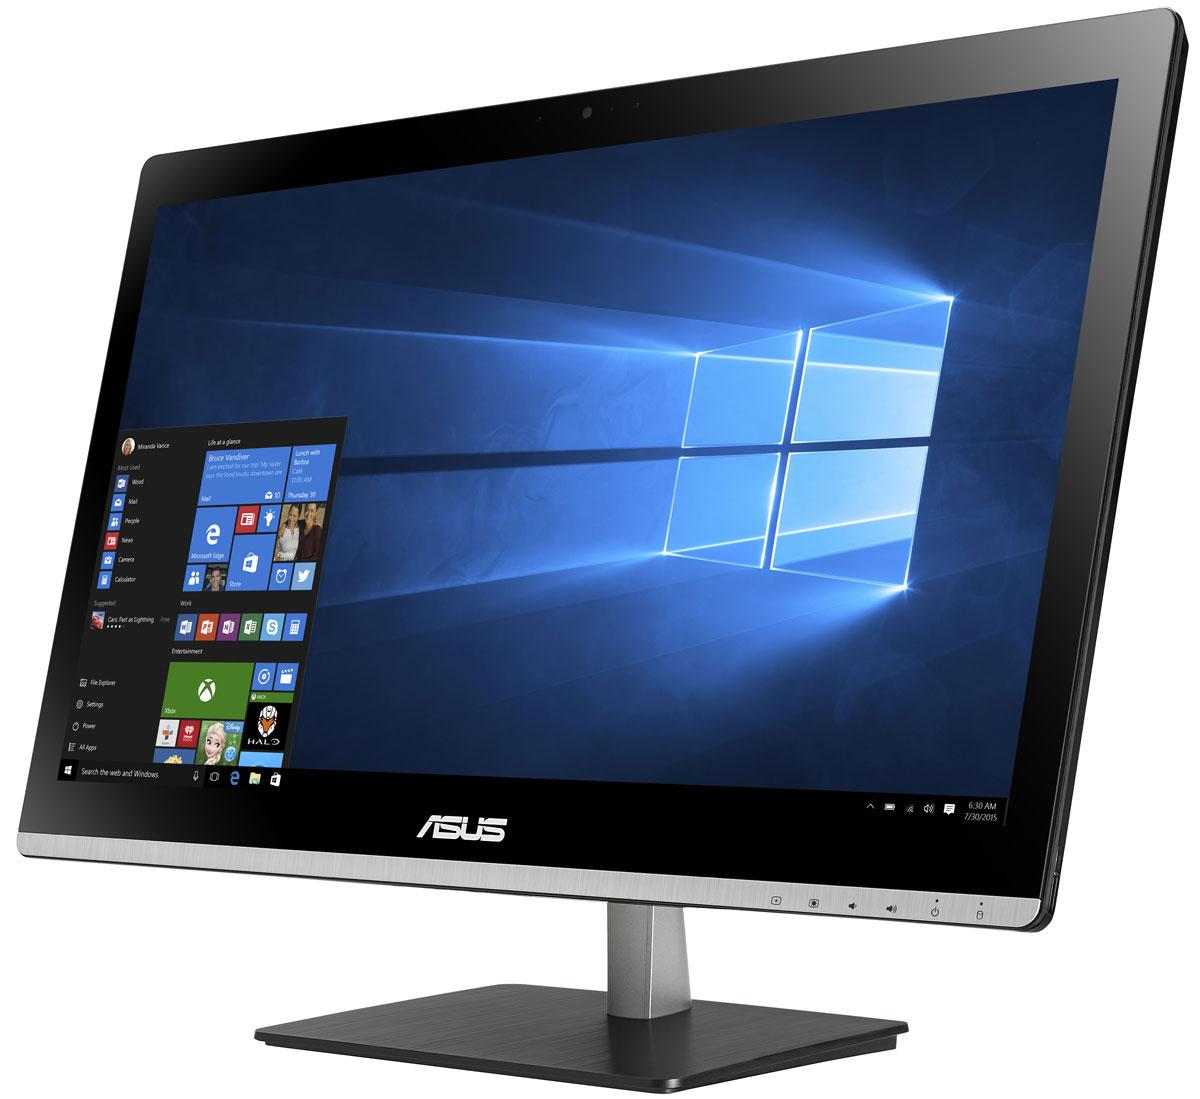 ASUS Vivo AiO V220IAGK-BA014X, Black моноблокV220IAGK-BA014XВ тонком и компактном корпусе моноблока ASUS Vivo AiO V220IAGK разместились все компоненты современного компьютера - дисплей, процессор, видеокарта, память, диск и многое другое. Компактное полнофункциональное устройство идеально подходит для современного дома, поскольку его можно использовать для самых различных приложений, как рабочих, так и развлекательных, при этом не засоряя домашний интерьер множеством кабелей и дополнительными приспособлениями. Изящная подставка прочно удерживает ASUS Vivo AiO V220IAGK на месте. В отличие от подставок аналогичных моделей, ее верхний конец прикреплен к задней панели дисплея, а не к его основанию. Моноблочный компьютер V220IAGK оснащается процессором Intel Core i3, который показывает высокую производительность при низком энергопотреблении. С ним можно комфортно выполнять любые задачи, от веб-серфинга и создания мультимедийных презентаций до редактирования видеороликов. Для особо ресурсоемких...